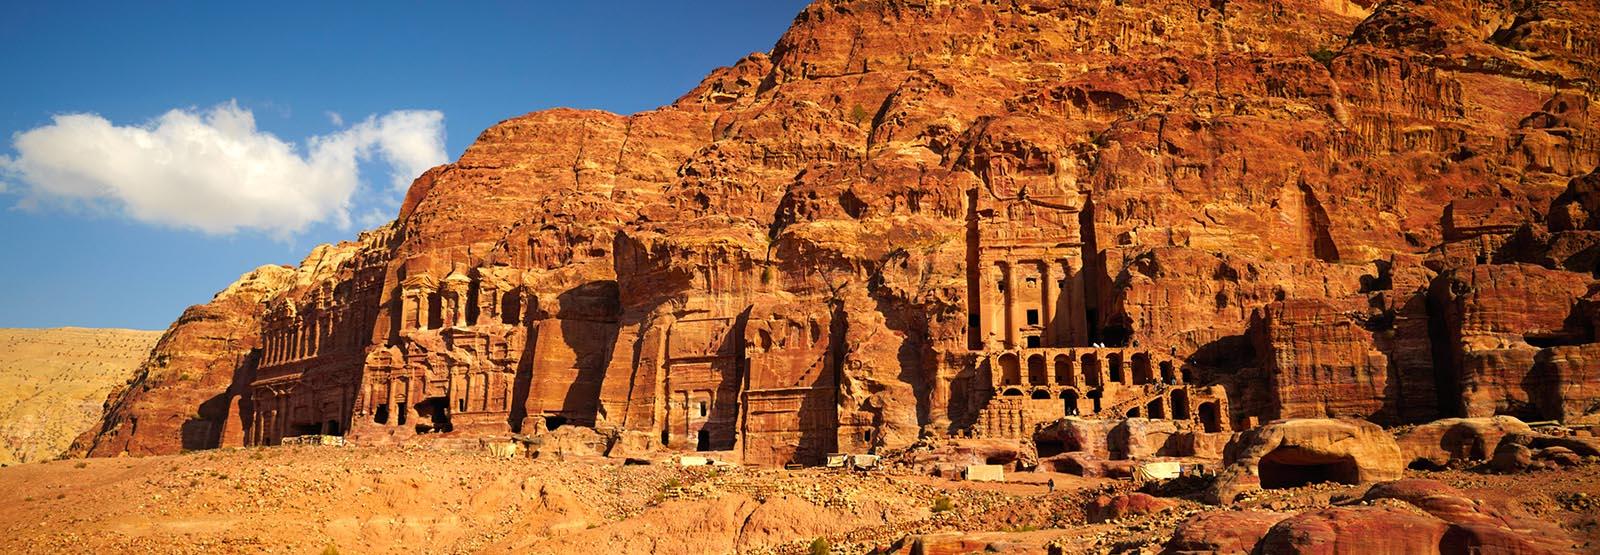 上图:凿山而建的佩特拉古城,现存的希腊、罗马式遗址几乎全部都是从岩石中雕凿出来的。主前6世纪,纳巴泰人驱逐以东人、占据了以东地,佩特拉成为纳巴泰王国的首都。佩特拉北通大马士革,南经亚喀巴湾可到印度洋和红海,西通加沙,东面穿过沙漠可到波斯湾,是古代贸易路线上的要塞。3世纪以后,可能由于萨珊波斯帝国的崛起和红海海上贸易的兴盛,作为陆路交通要塞的佩特拉渐渐衰落,7世纪被阿拉伯军队征服时,已是一座废弃的空城。